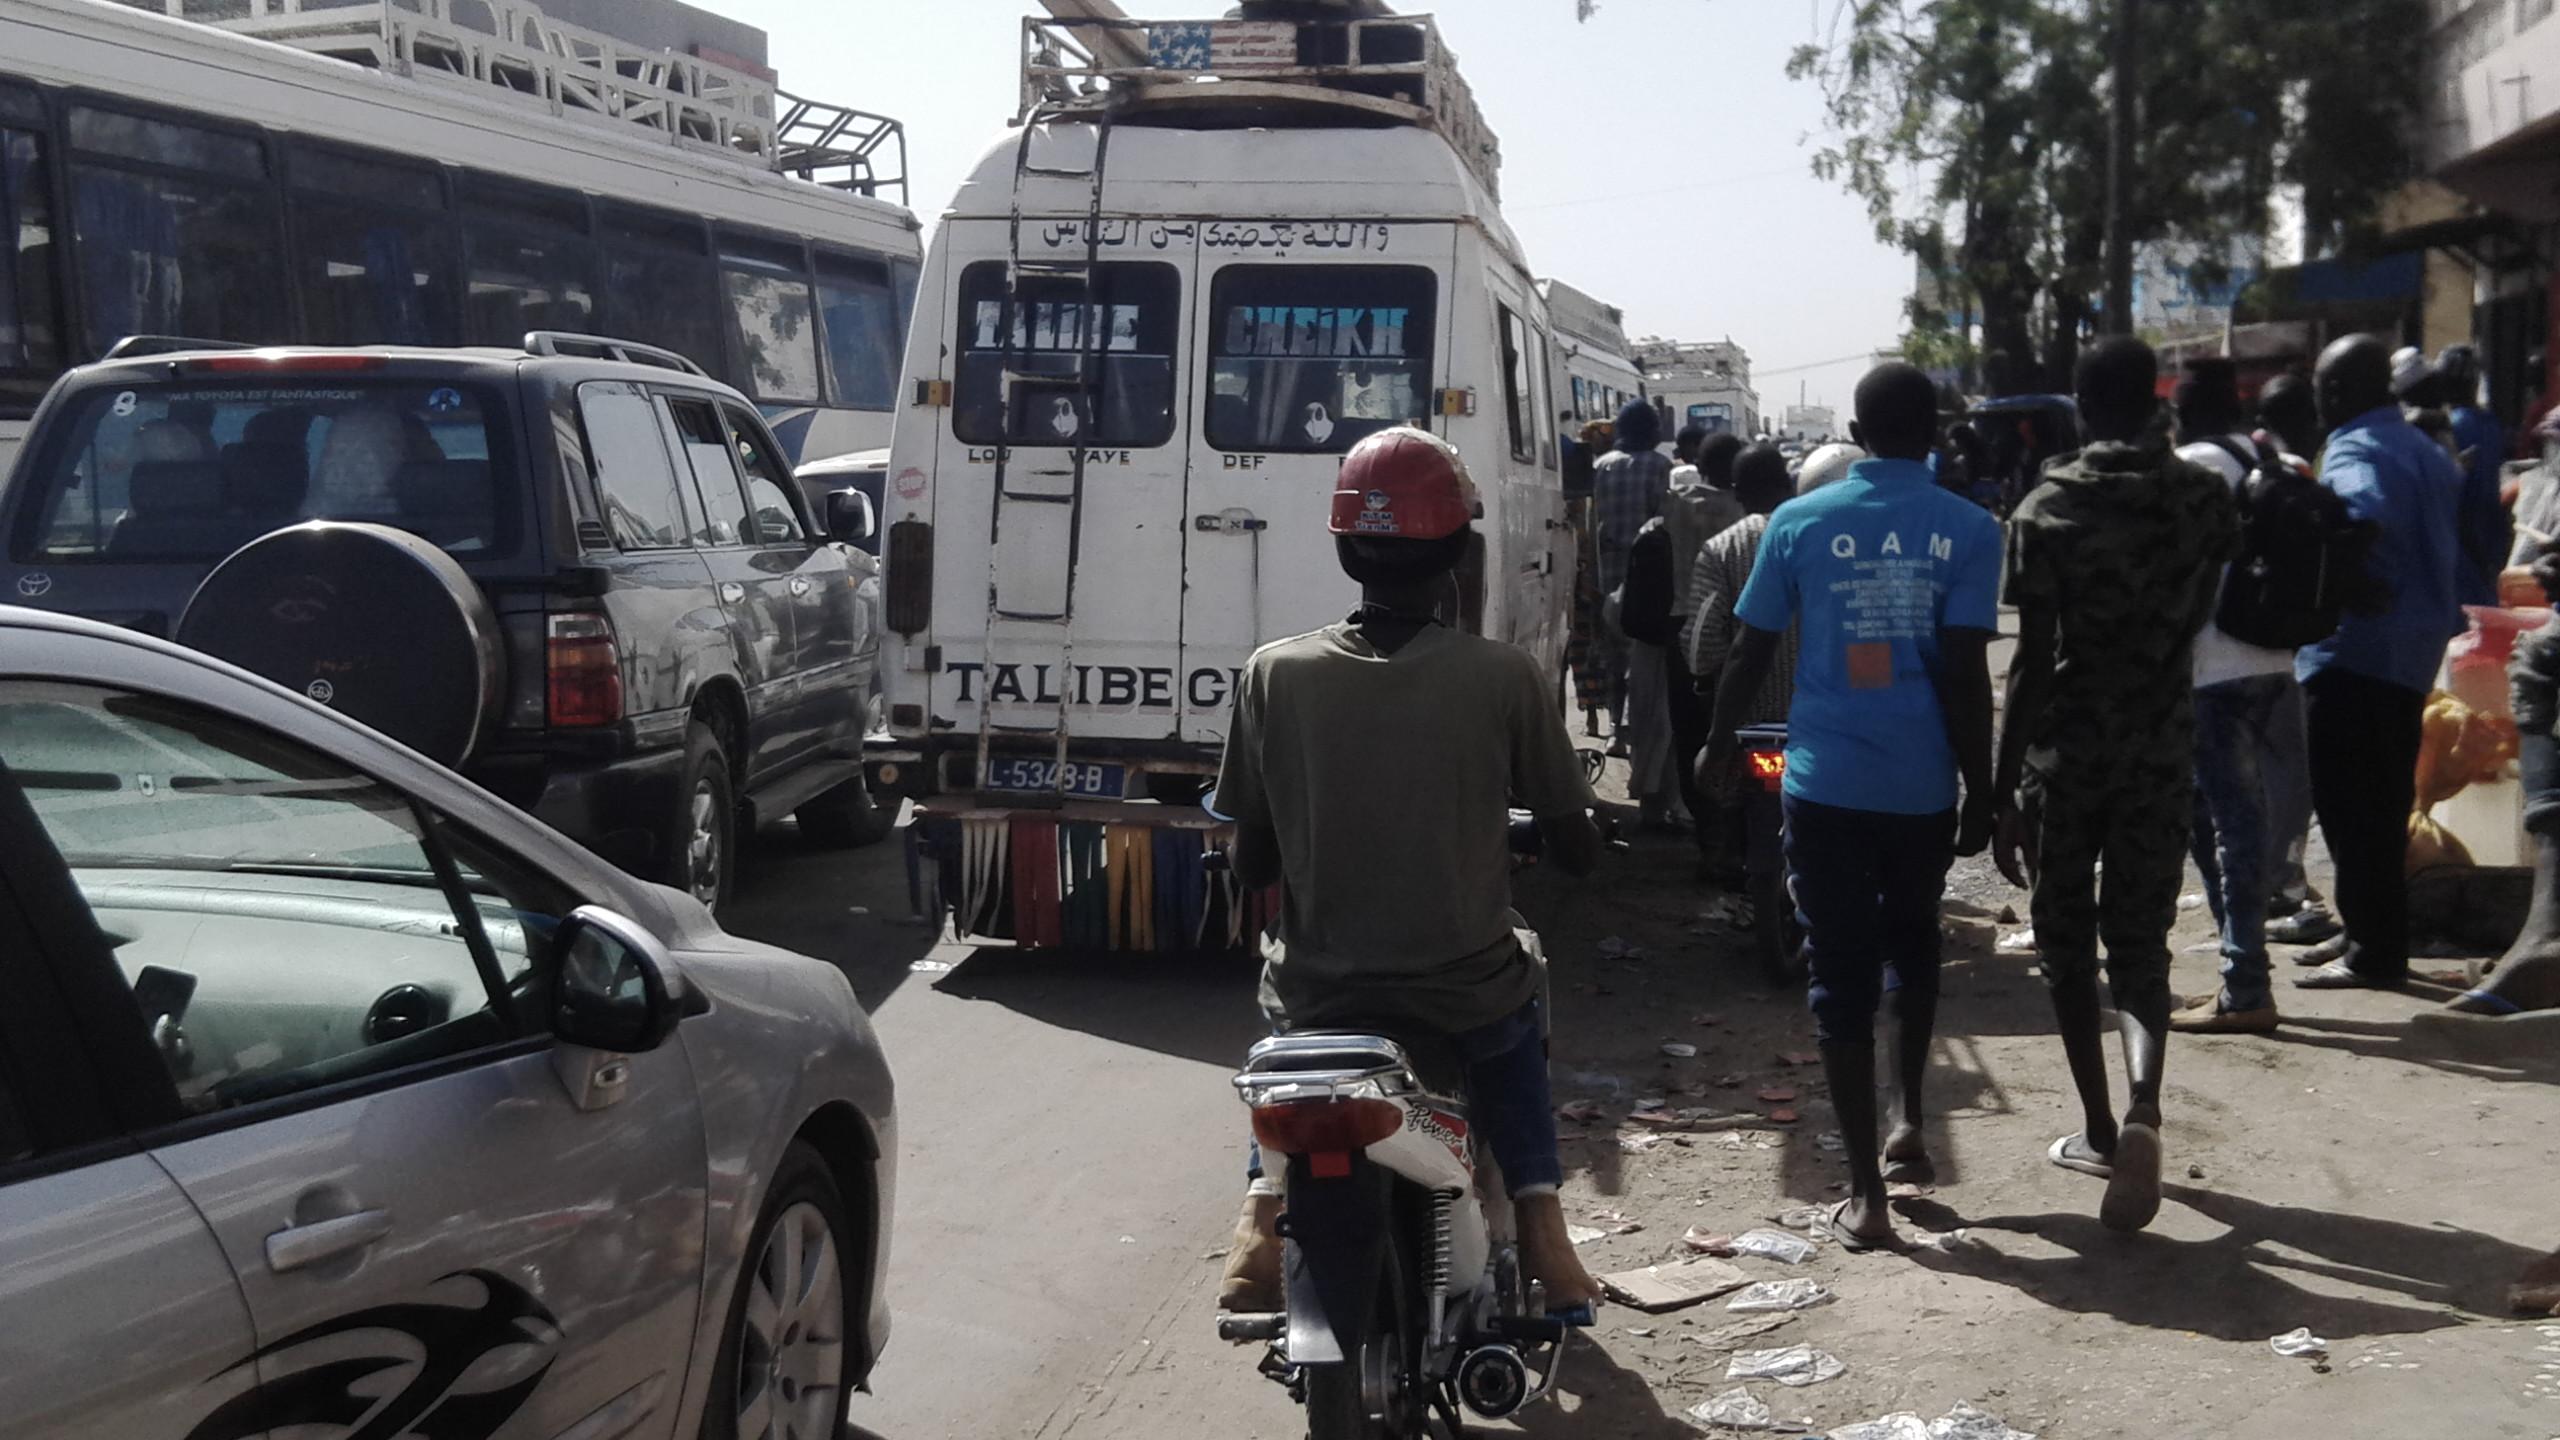 Porokhane : La cité religieuse a fait le plein... Cérémonie officielle en cours